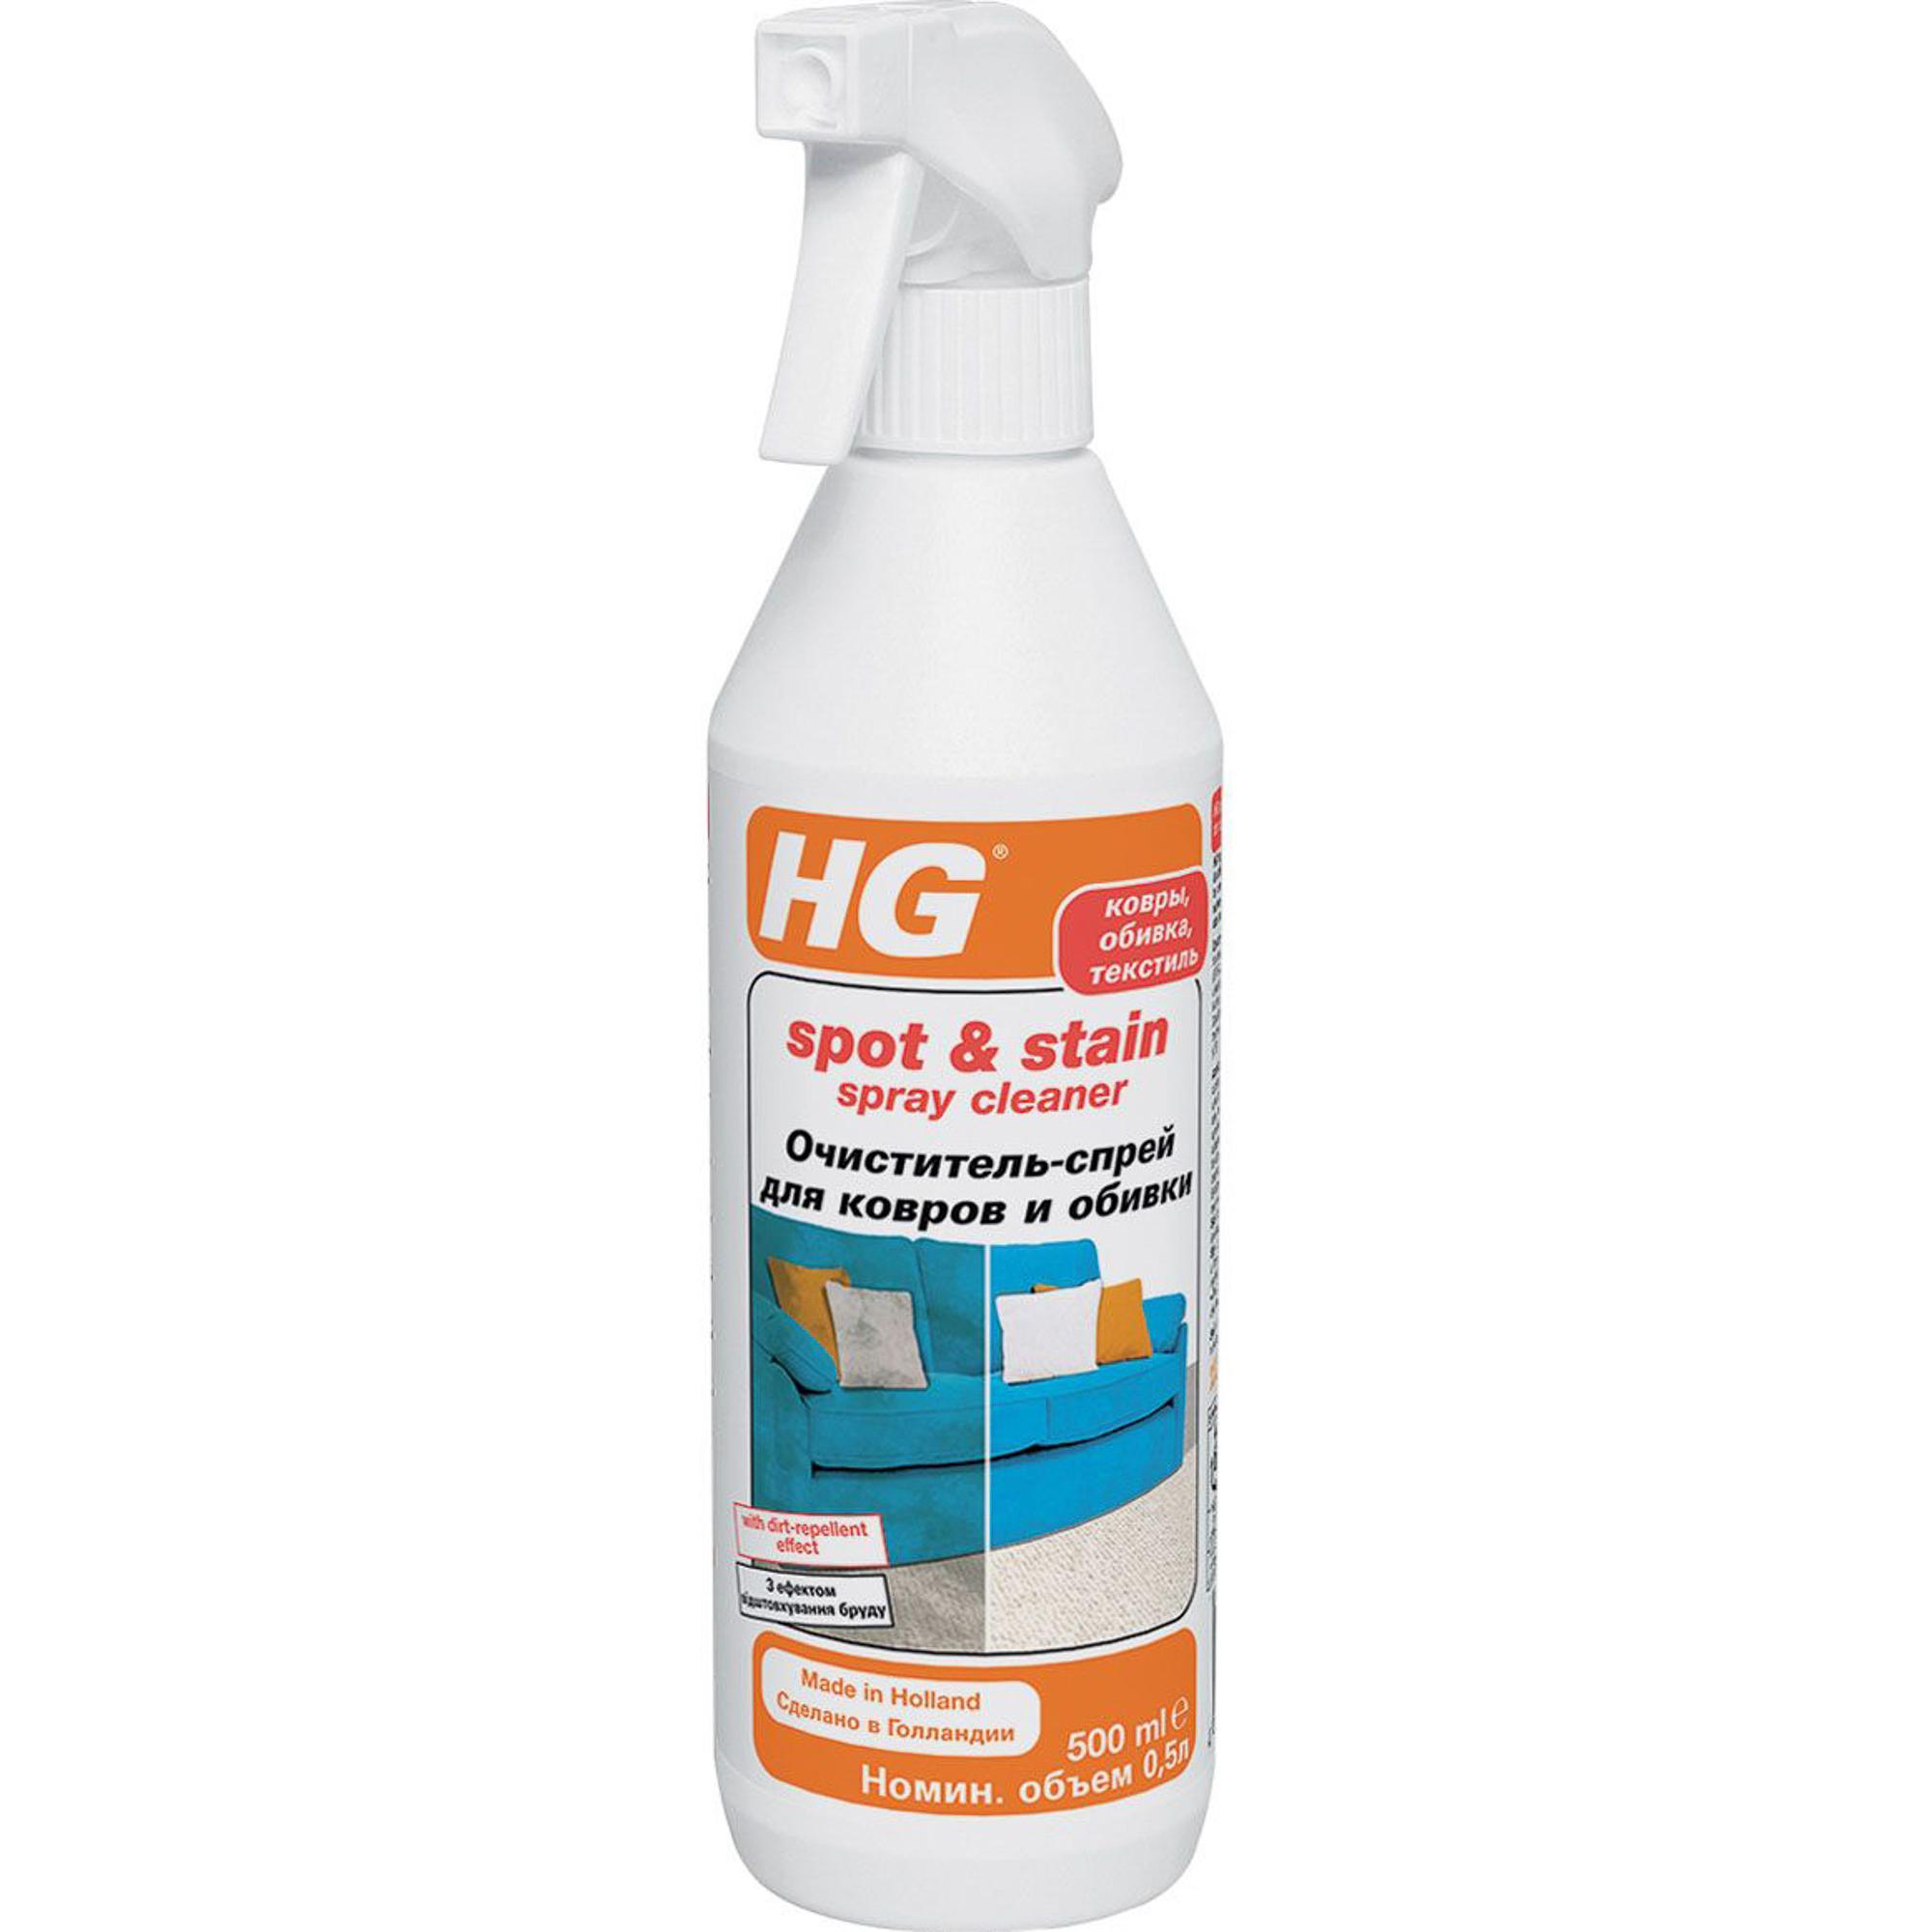 Фото - Очиститель-спрей HG Для ковров и обивки 500 мл очиститель hg для душевой и ванной 500 мл